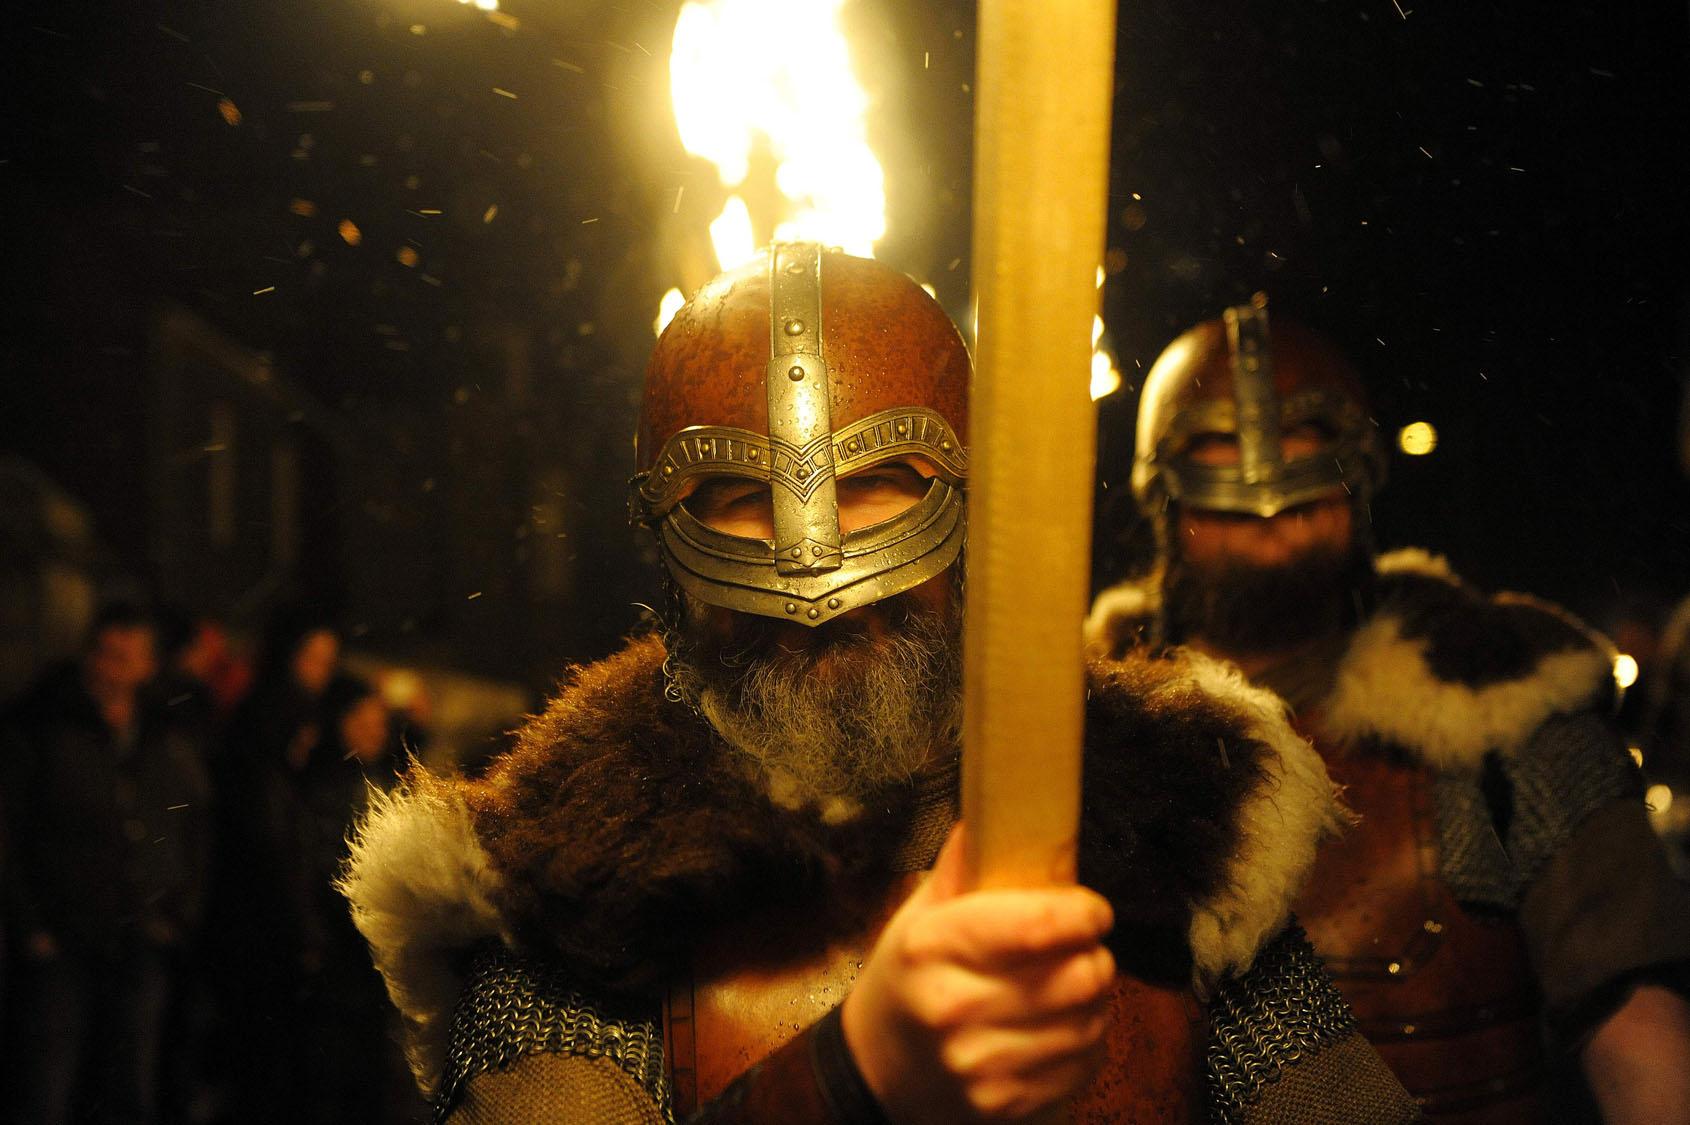 Up Helly Aa Viking festival in Shetland Islands